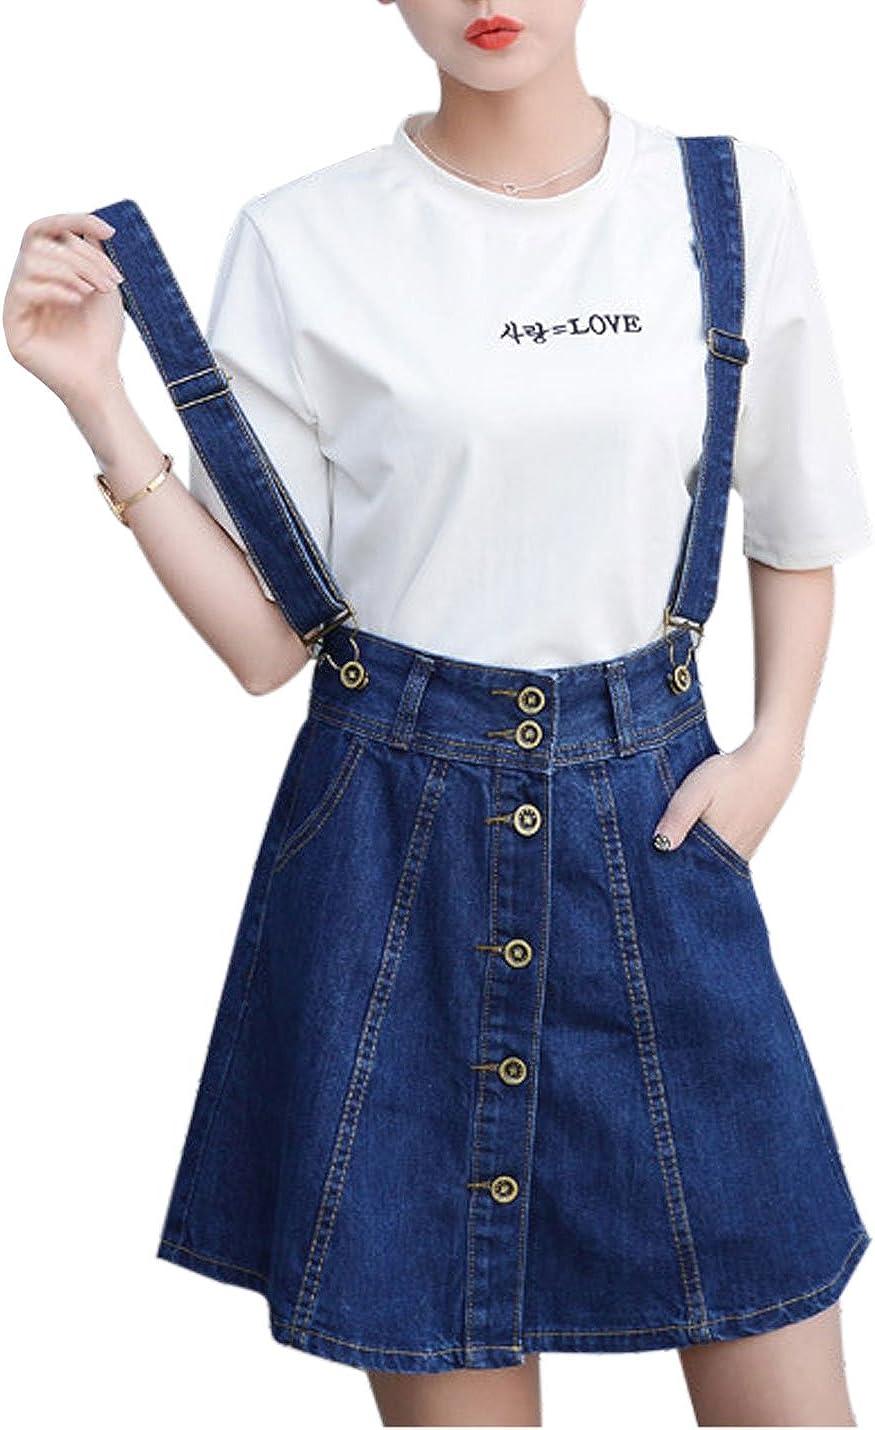 Tanming Women's Above Knee Detachable Shoulder Strap Denim Overall Skirt